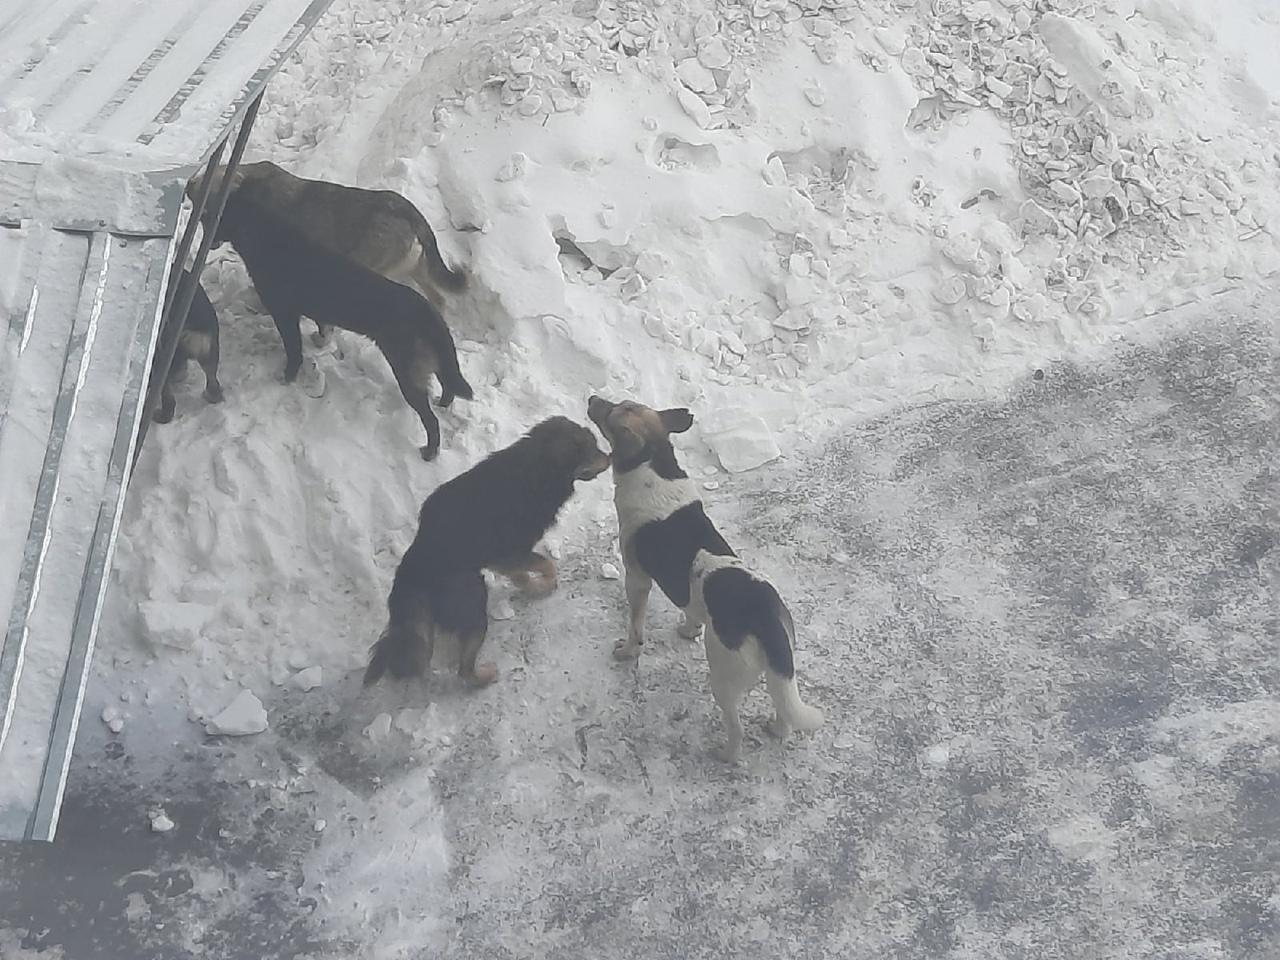 В Щучье собаки покусали ребенка: владельцев обязали выплатить моральный вред